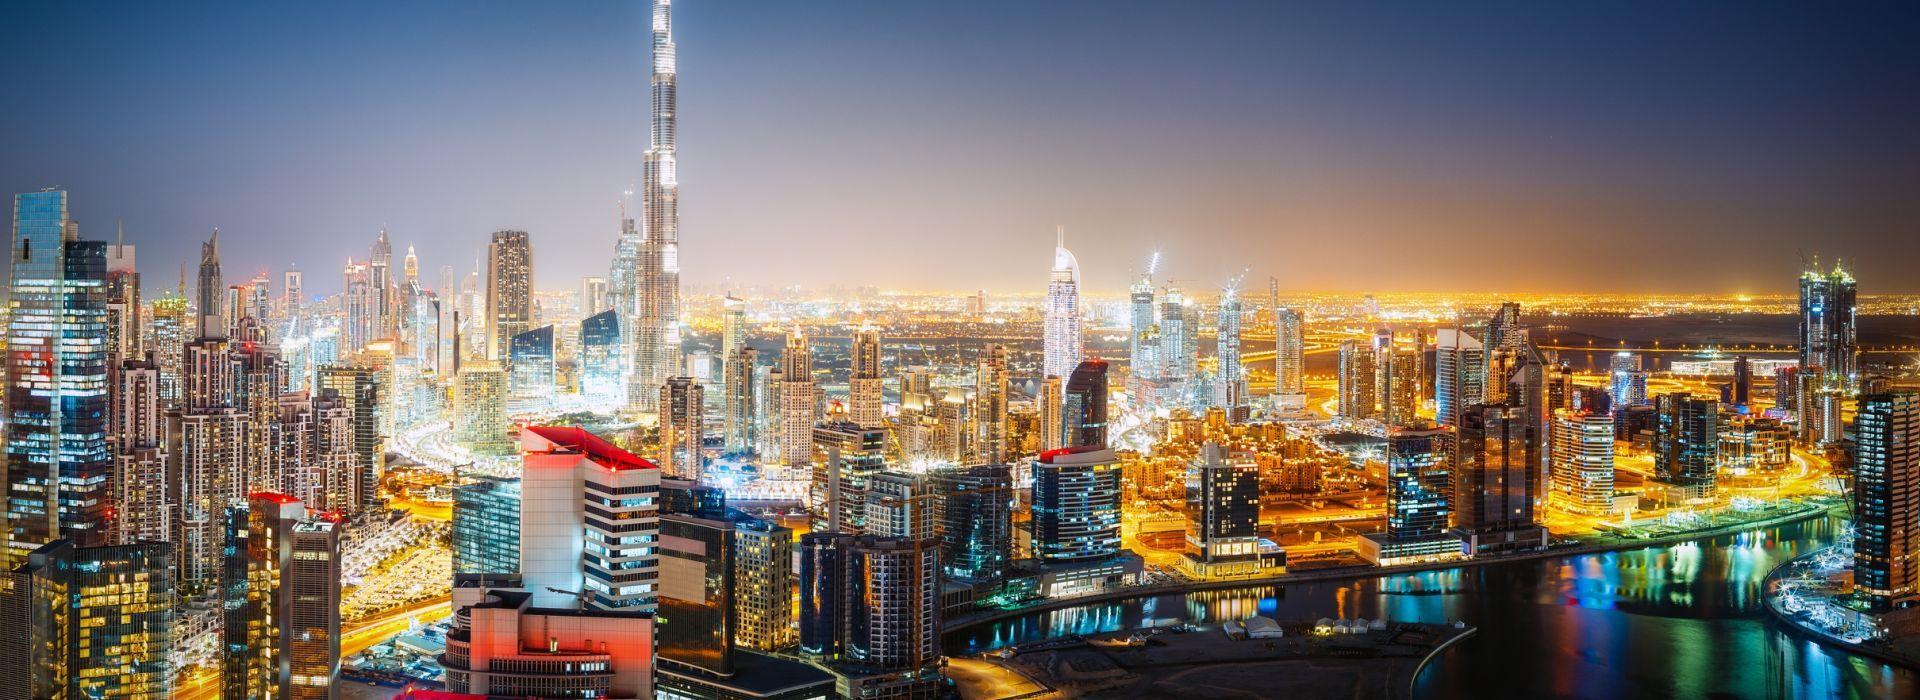 Hot air balloon rides Tours in Dubai